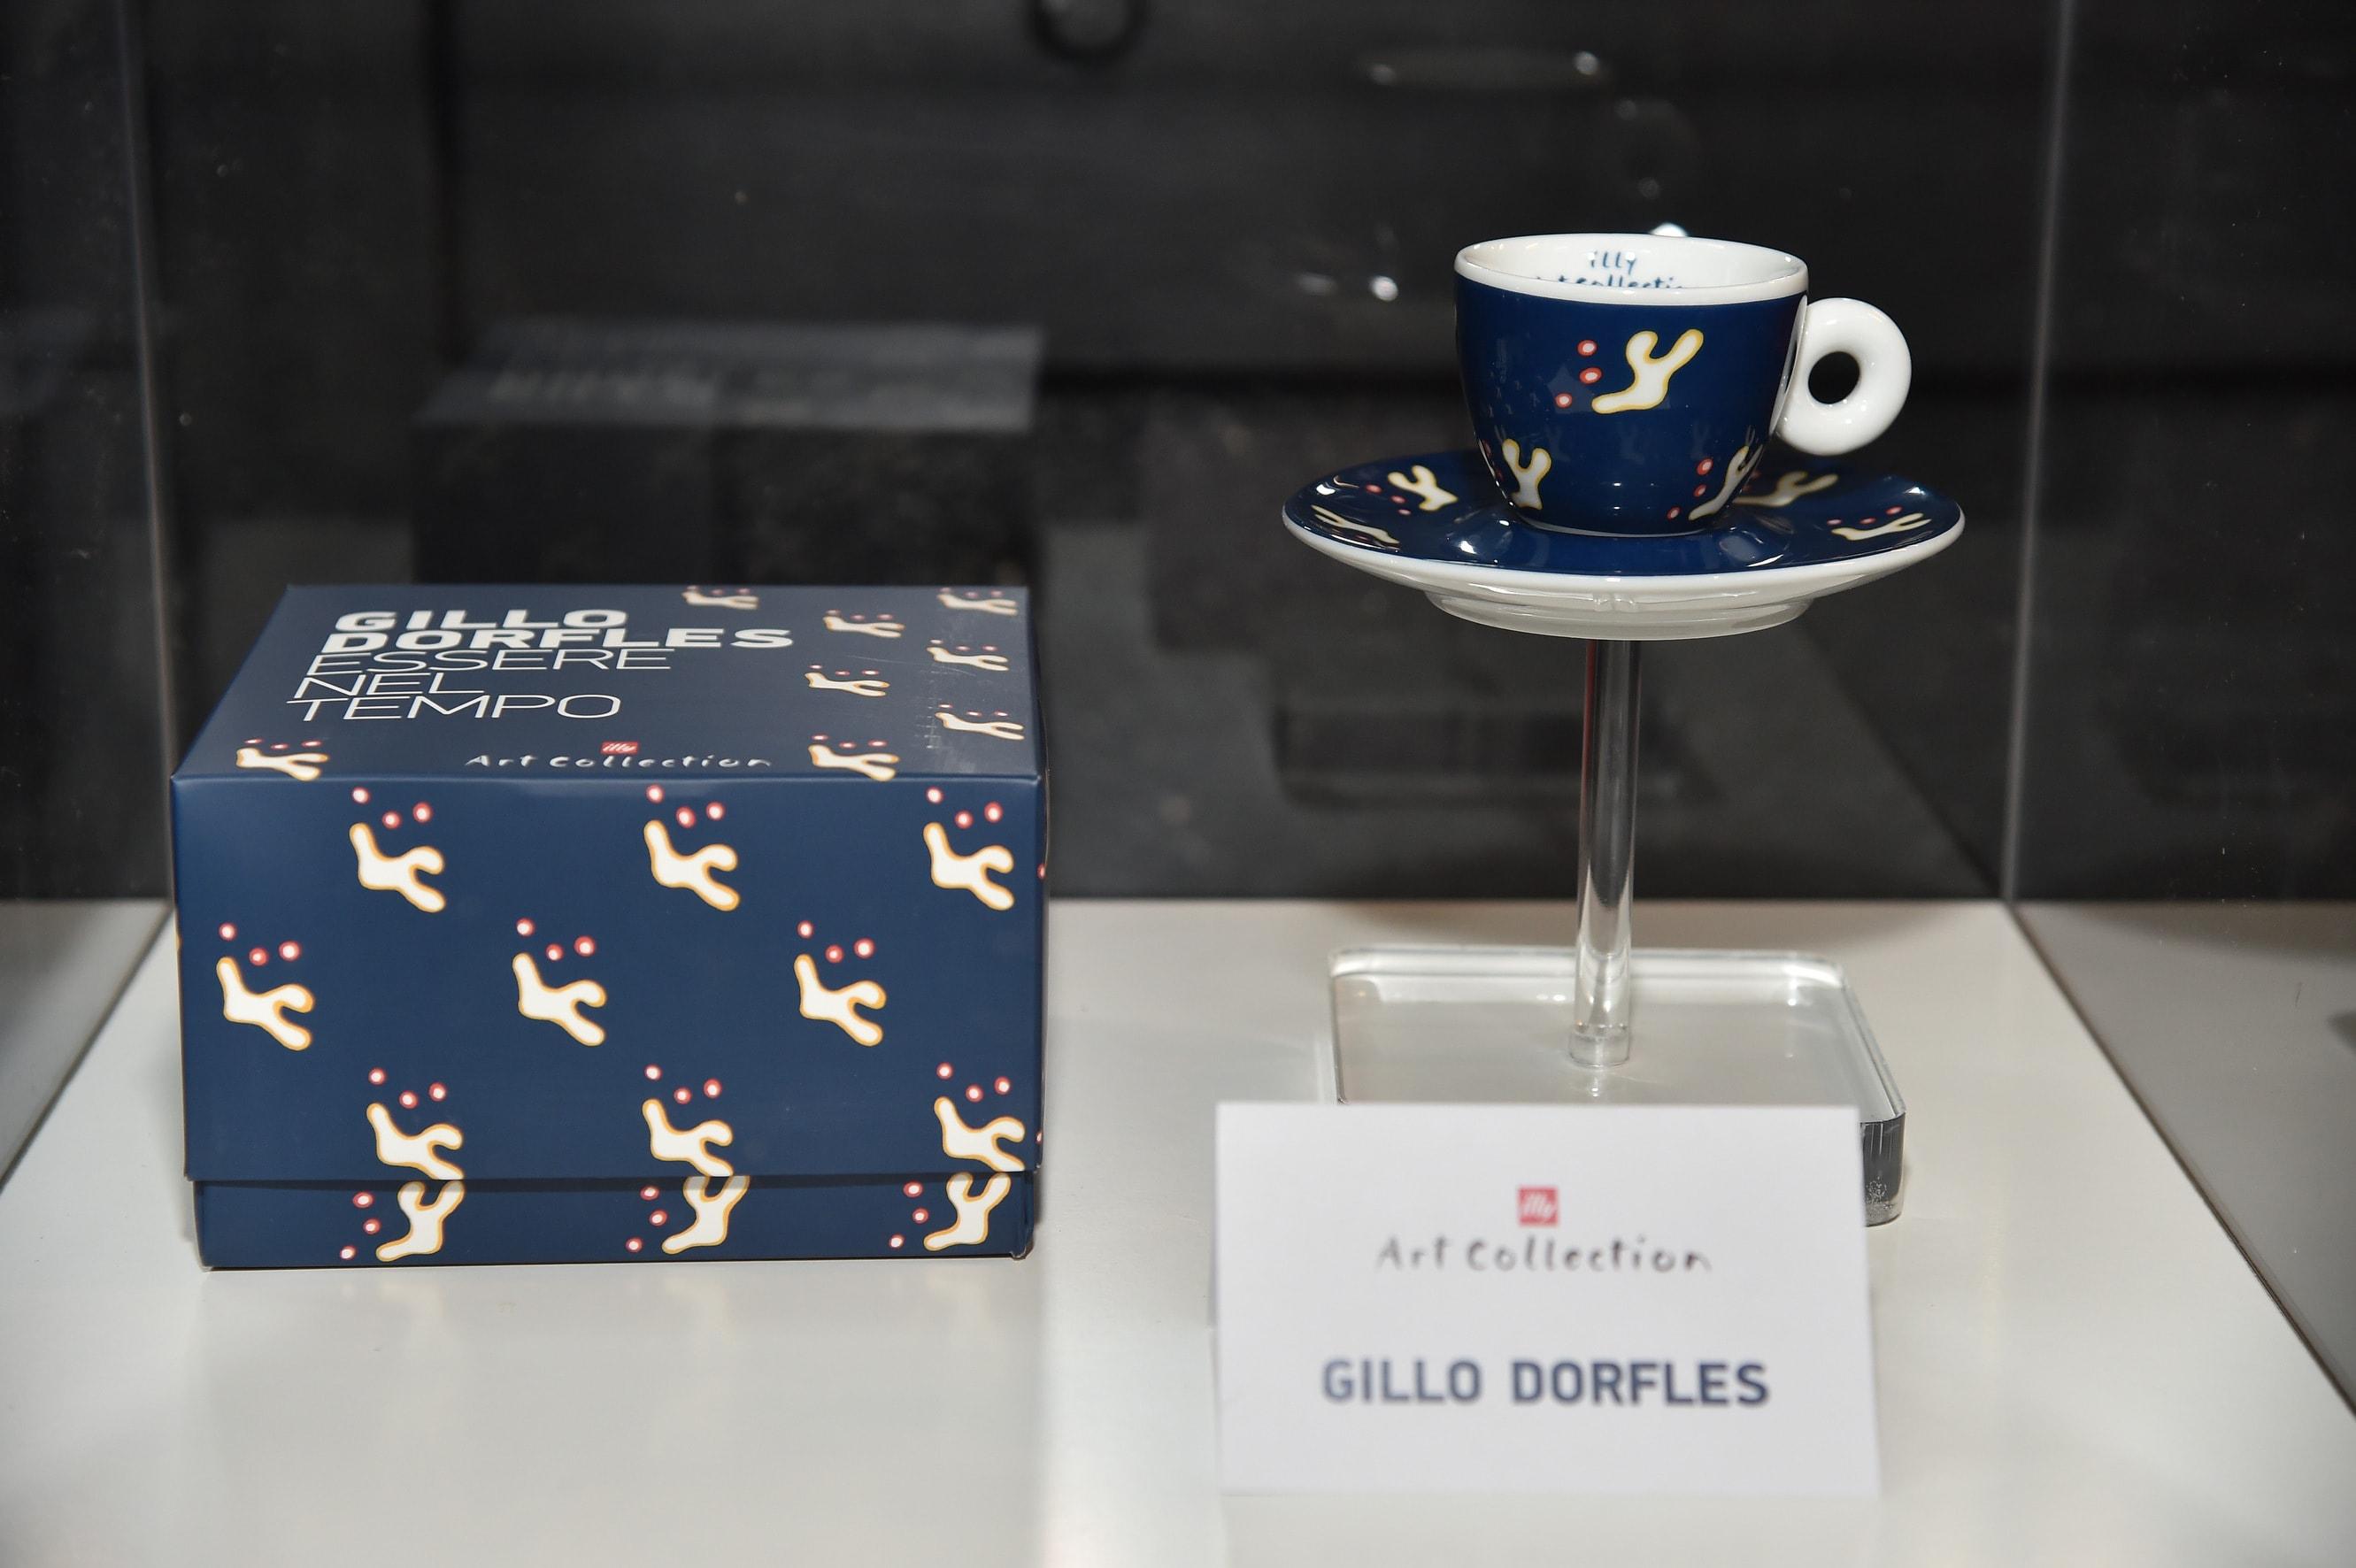 La nuova illy Art Collection firmata da Gillo Dorfles